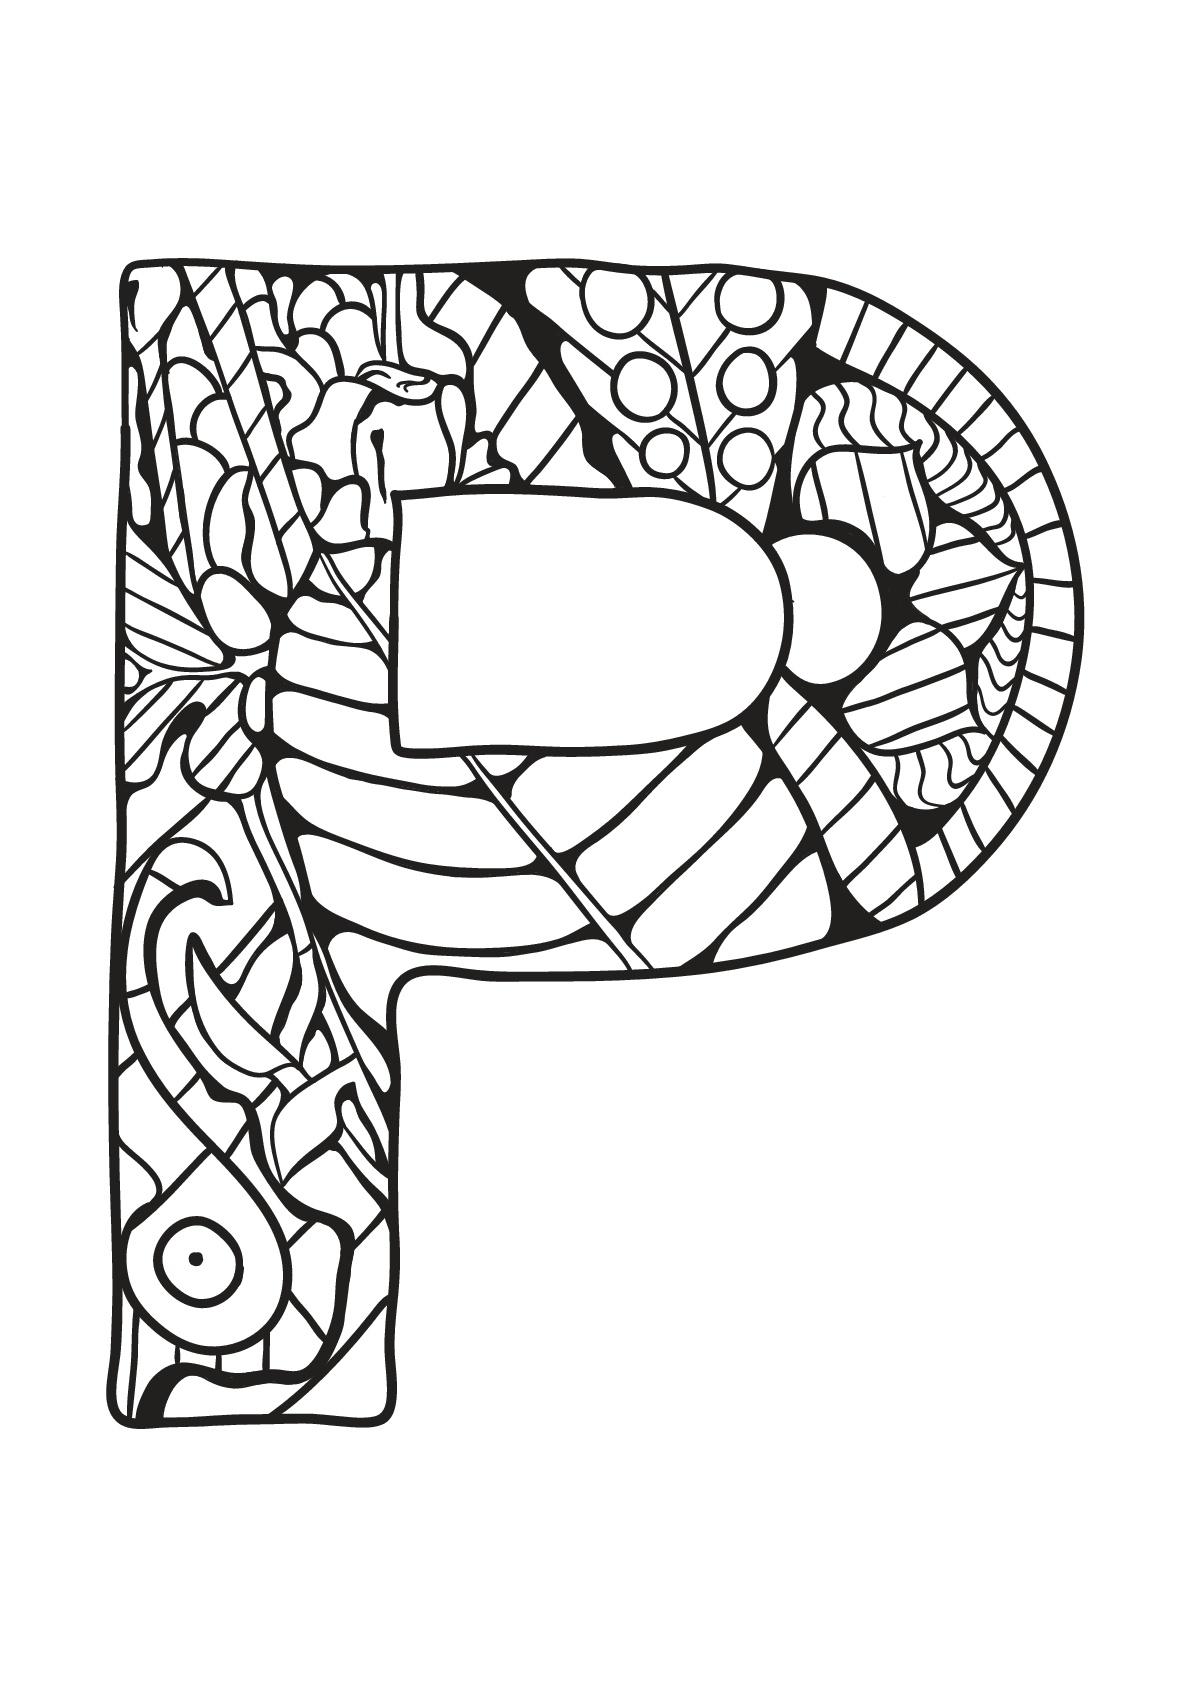 Coloriage Alphabet Mickey.Coloriage Alphabet Colorier Les Enfants Marnfozine Com